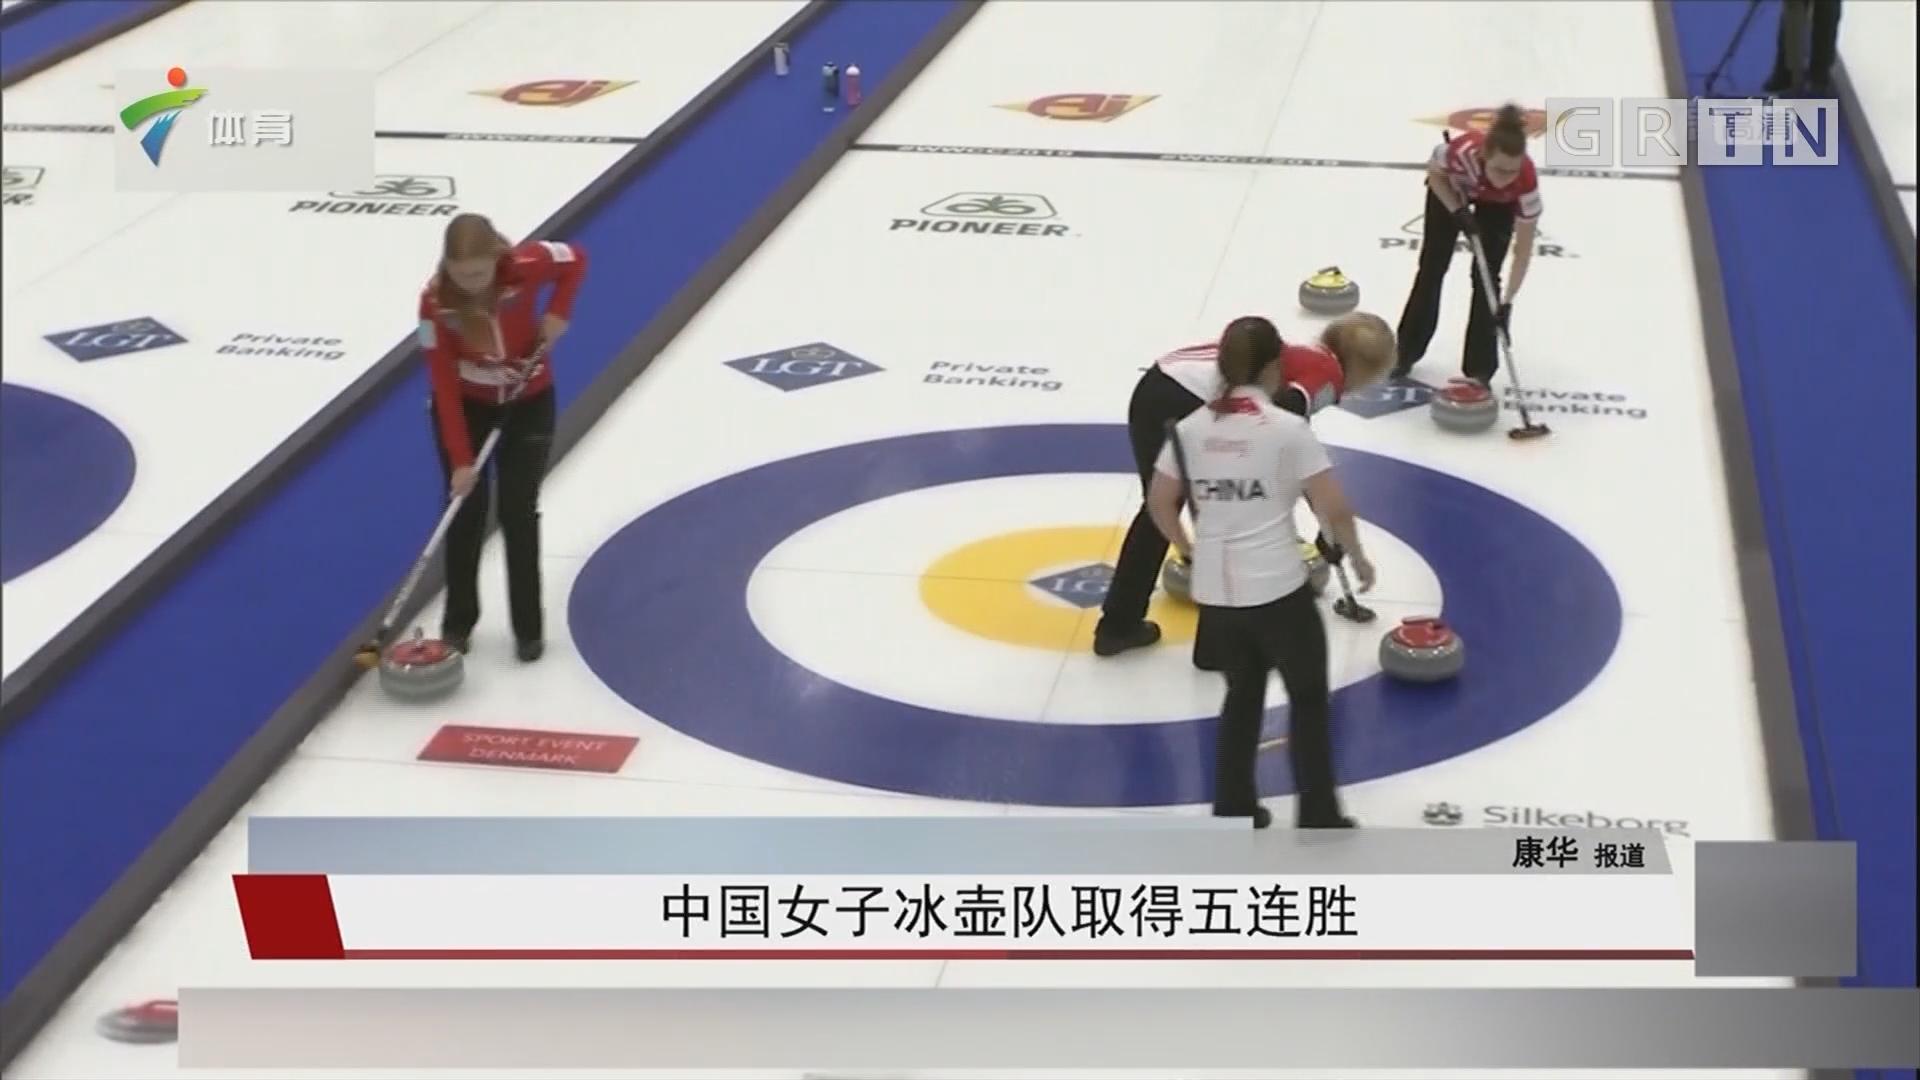 中国女子冰壶队取得五连胜